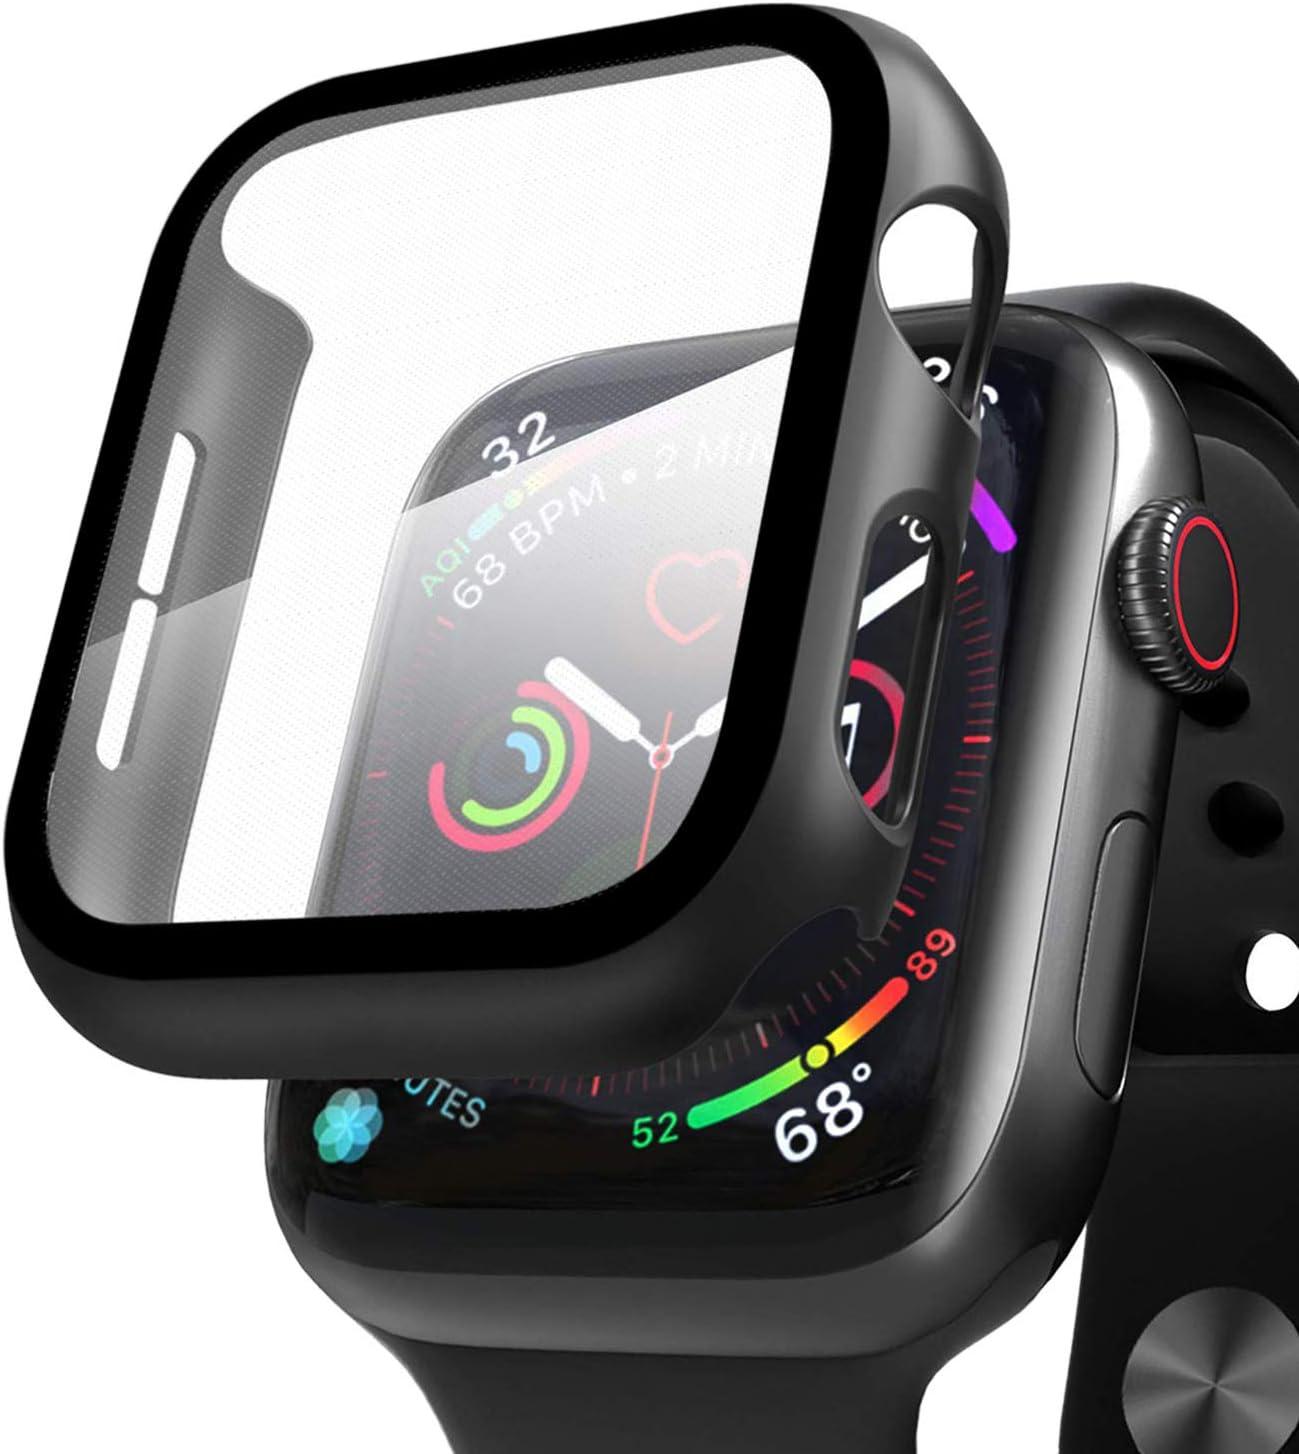 Compatible con Apple Watch 42mm Serie 3/Serie 2/Serie 1 Funda + Cristal Templado, Qianyou PC Case y Vidrio Protector de Pantalla Integrados, Slim Cover de Bumper y Protector Pantalla (Negro)